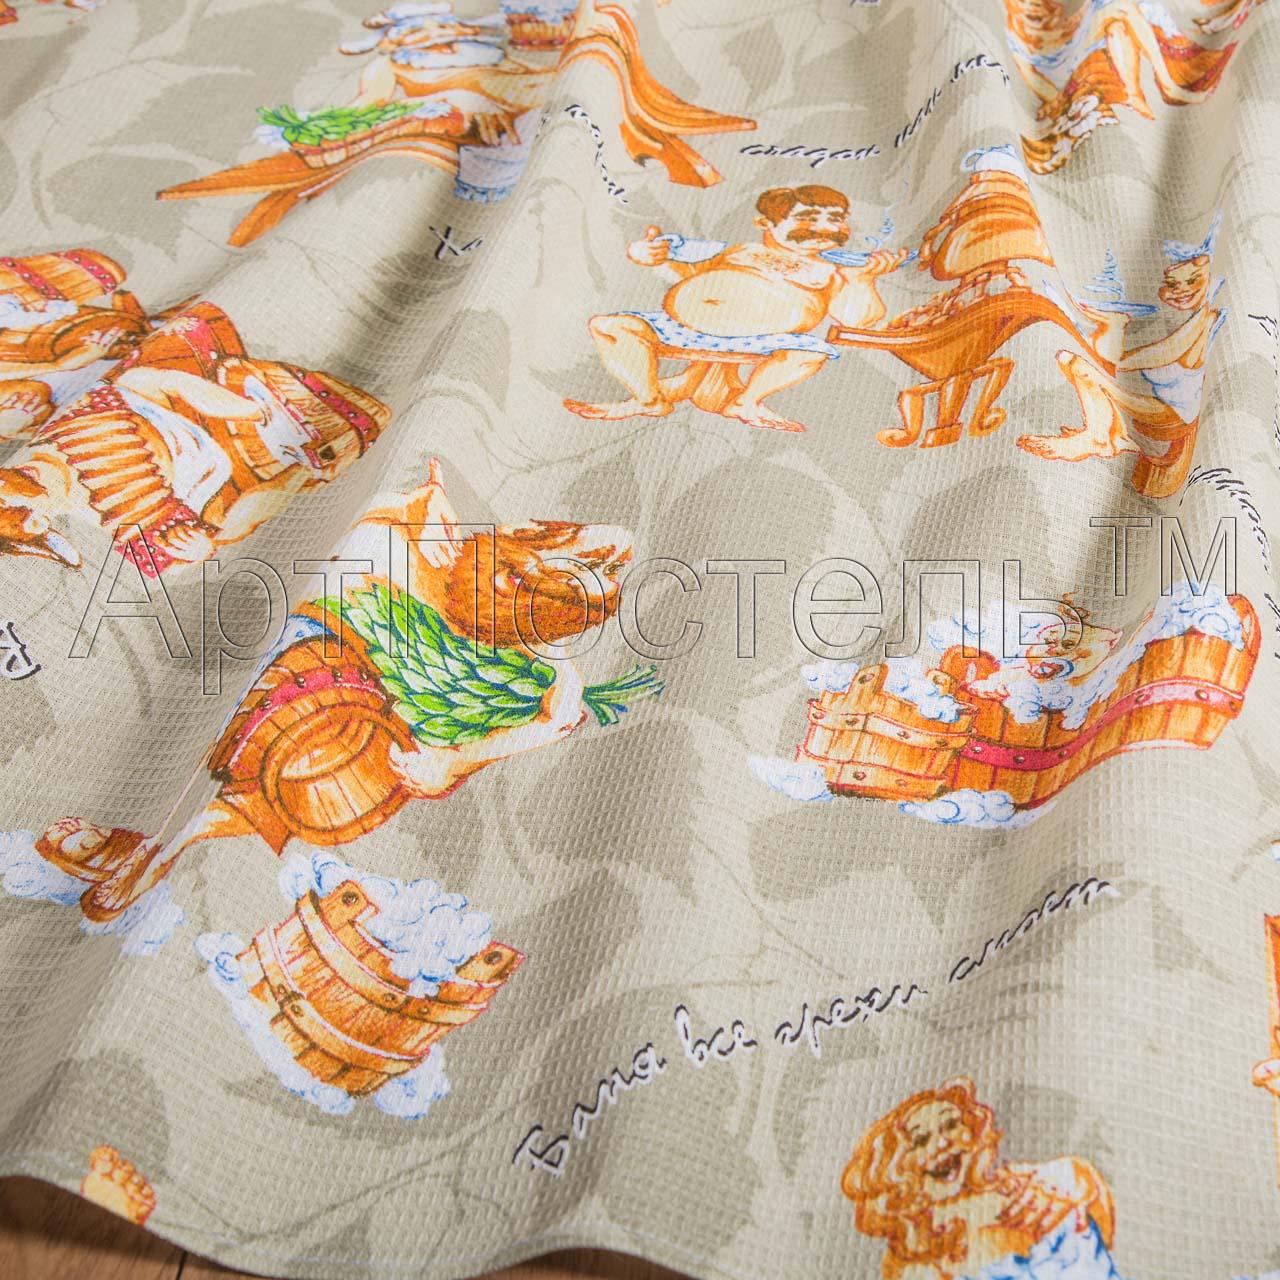 Вафельное полотенце С легким паром р. 80х150Вафельные полотенца<br>Плотность: 160 г/кв. м<br><br>Тип: Вафельное полотенце<br>Размер: 80х150<br>Материал: Вафельное полотно